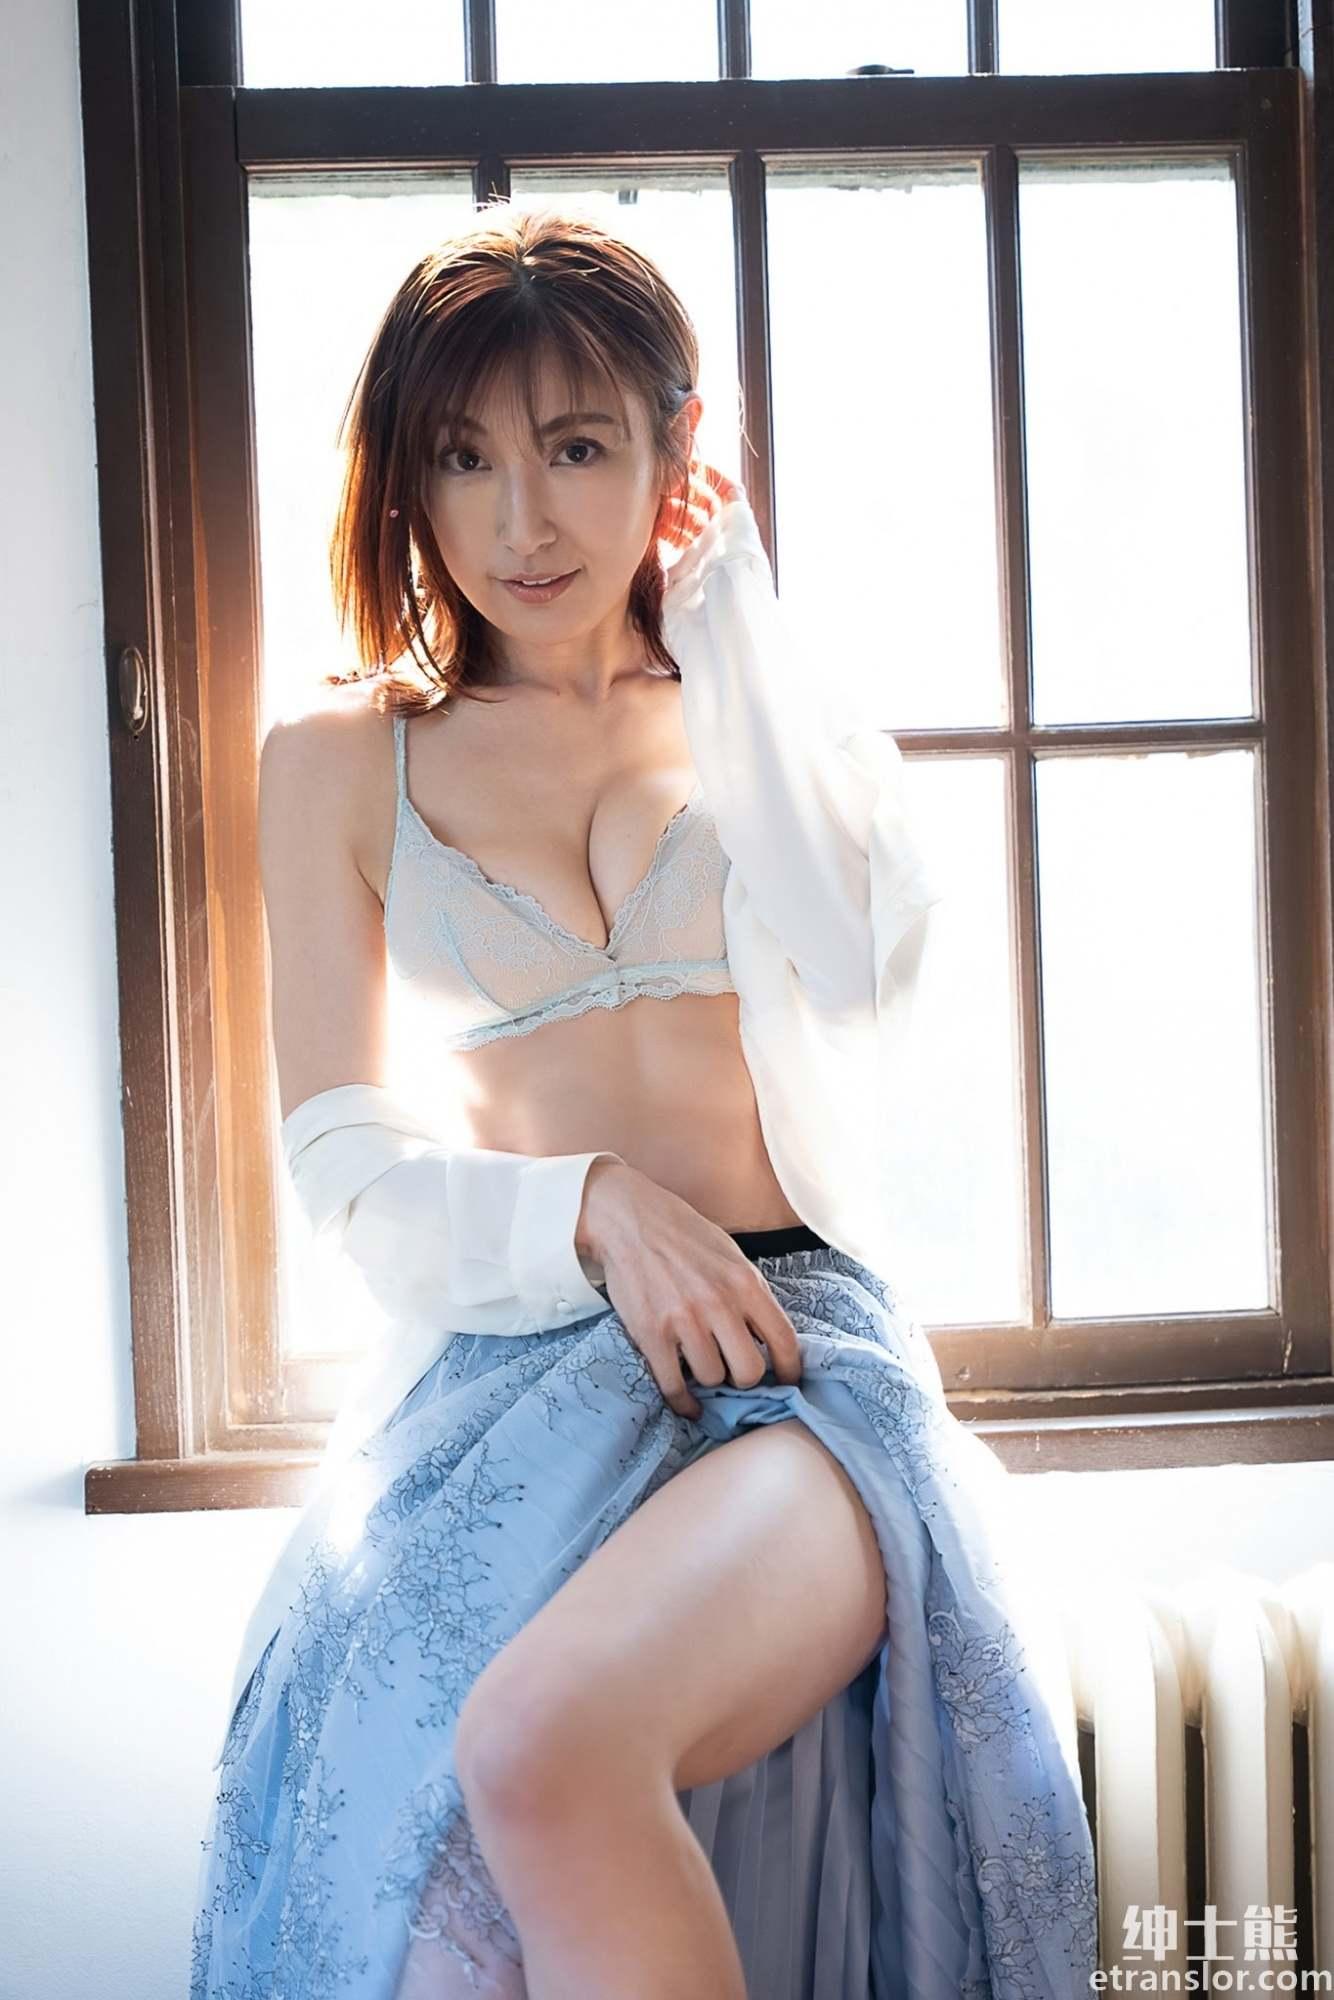 日本写真女星:熊切麻美、塩地美澄、熊田曜子三人组合岁月不改 养眼图片 第12张